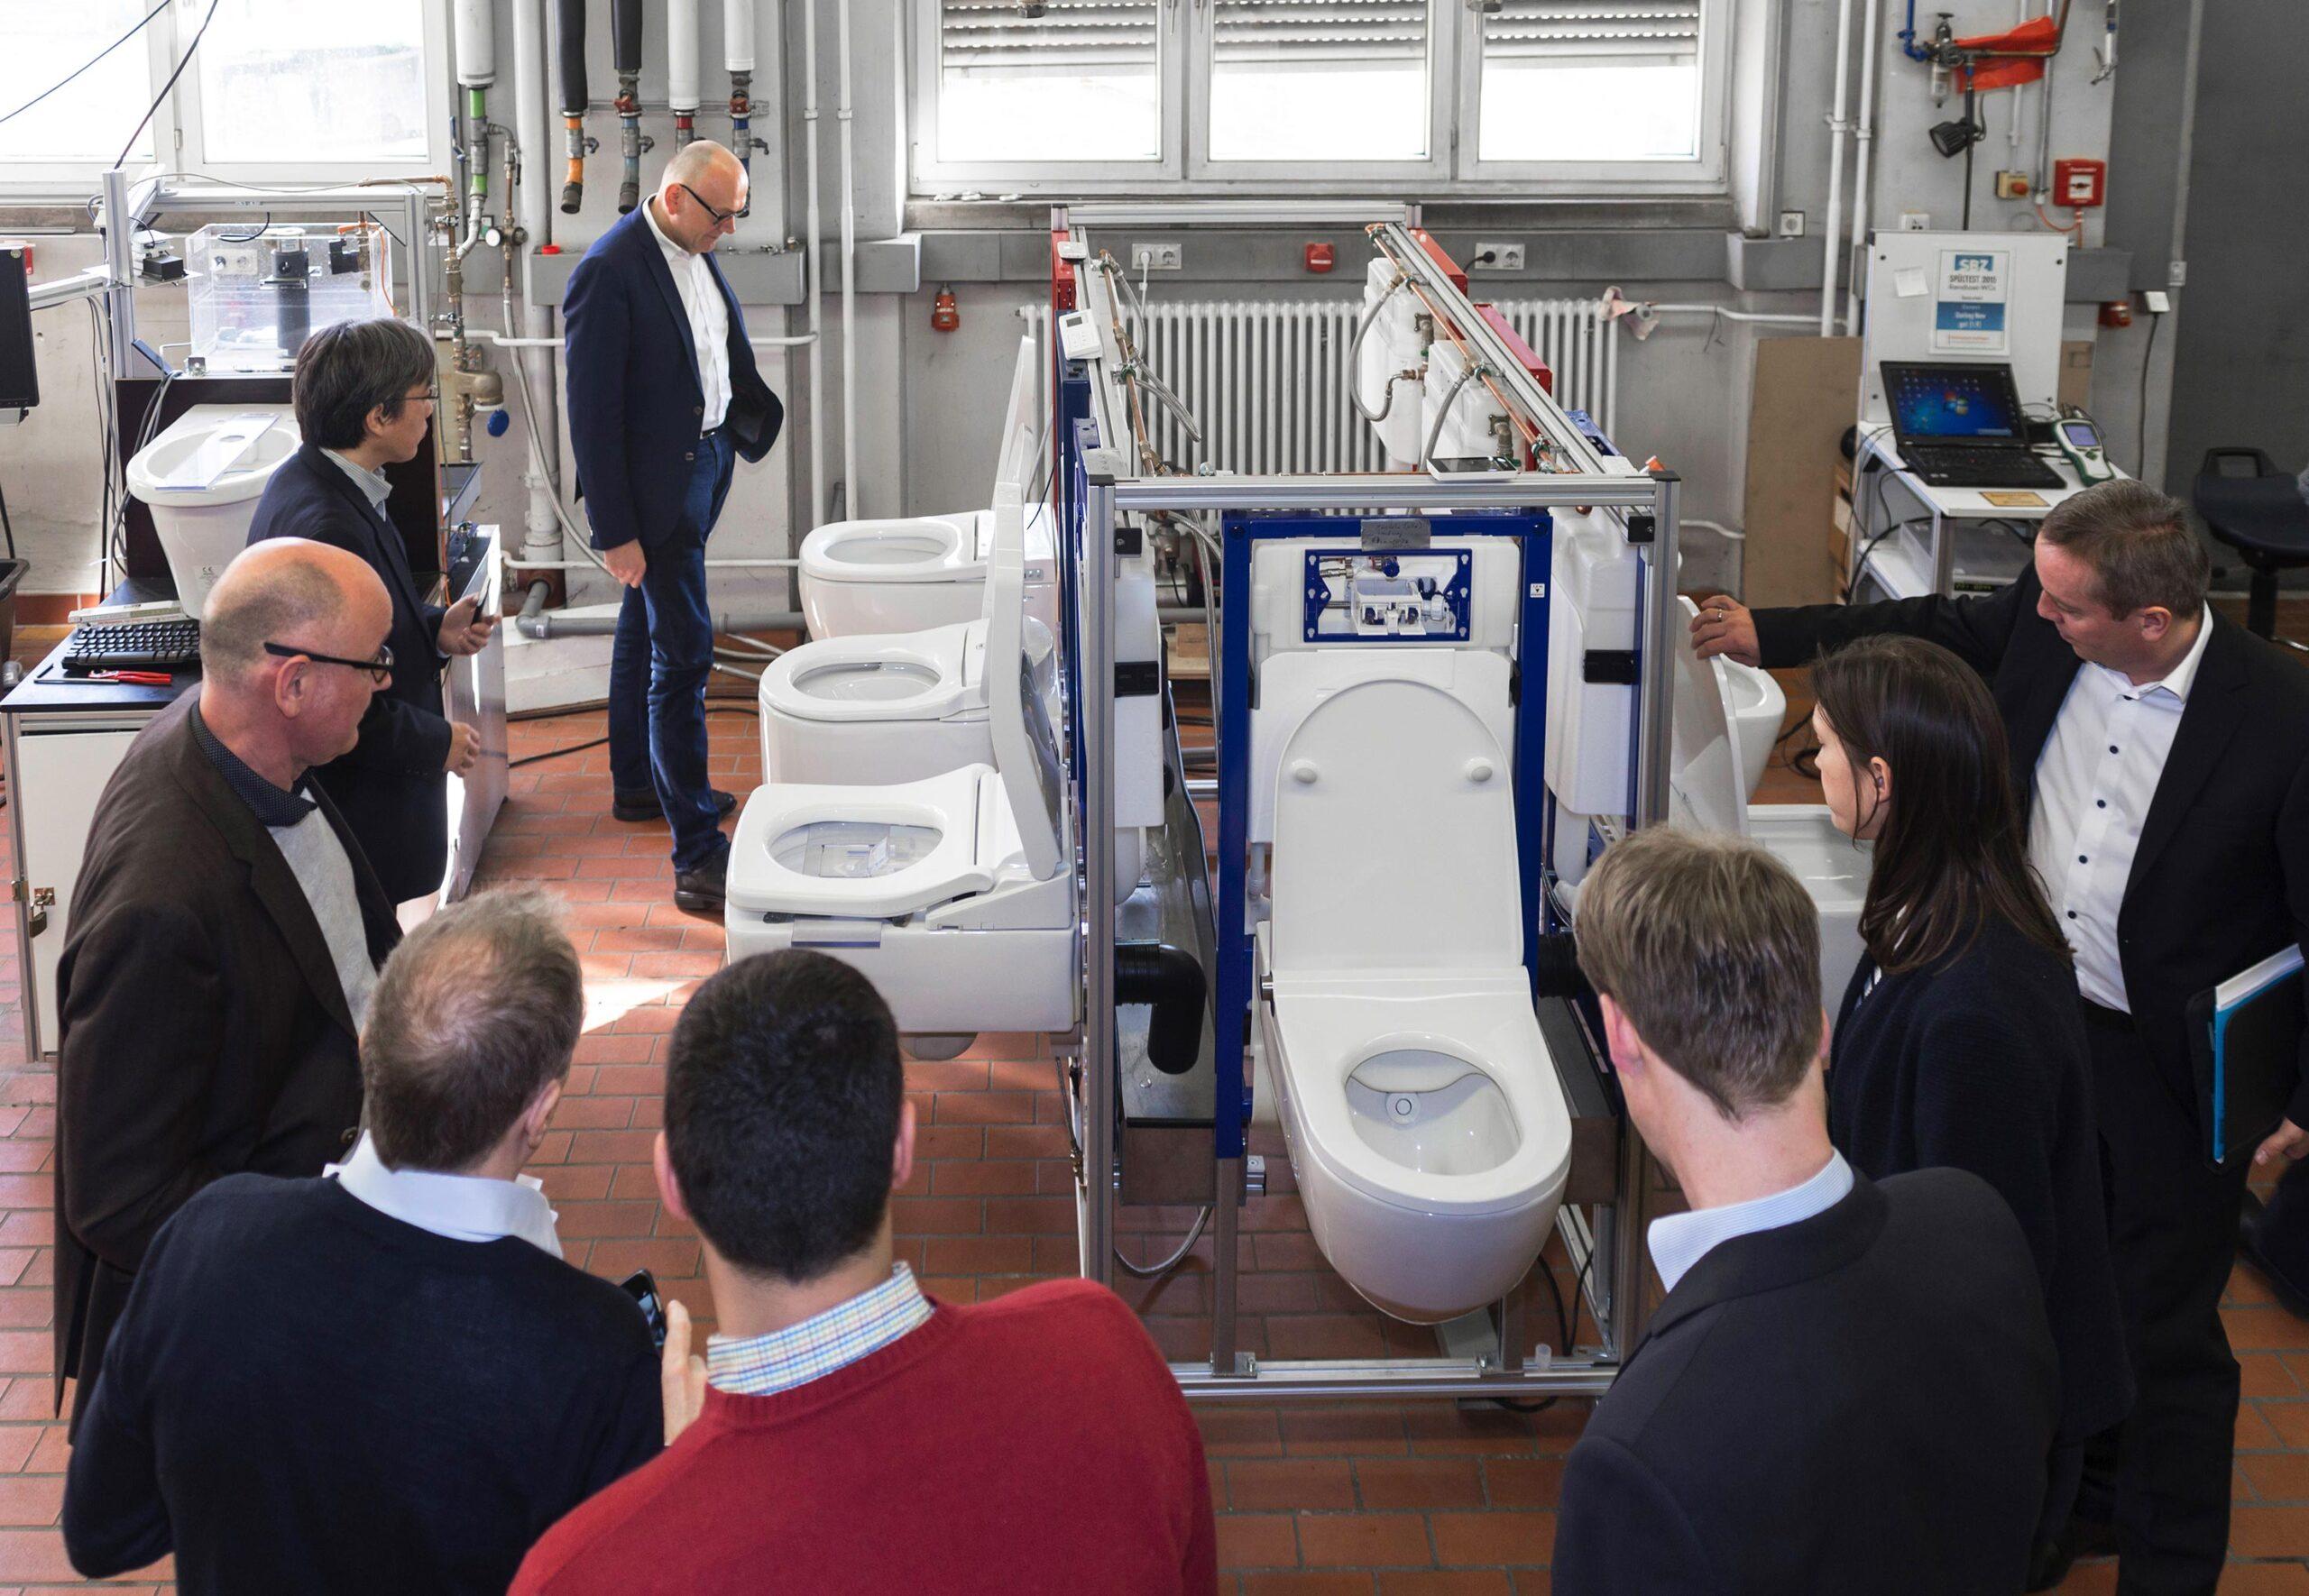 Full Size of Dusch Wc Test Hochschule Esslingen Hat Zehn Wcs Getestet Nicht Alle Schulte Duschen Dusche Komplett Set Einhebelmischer Bodengleiche Kaufen Anal Siphon Dusche Dusch Wc Test